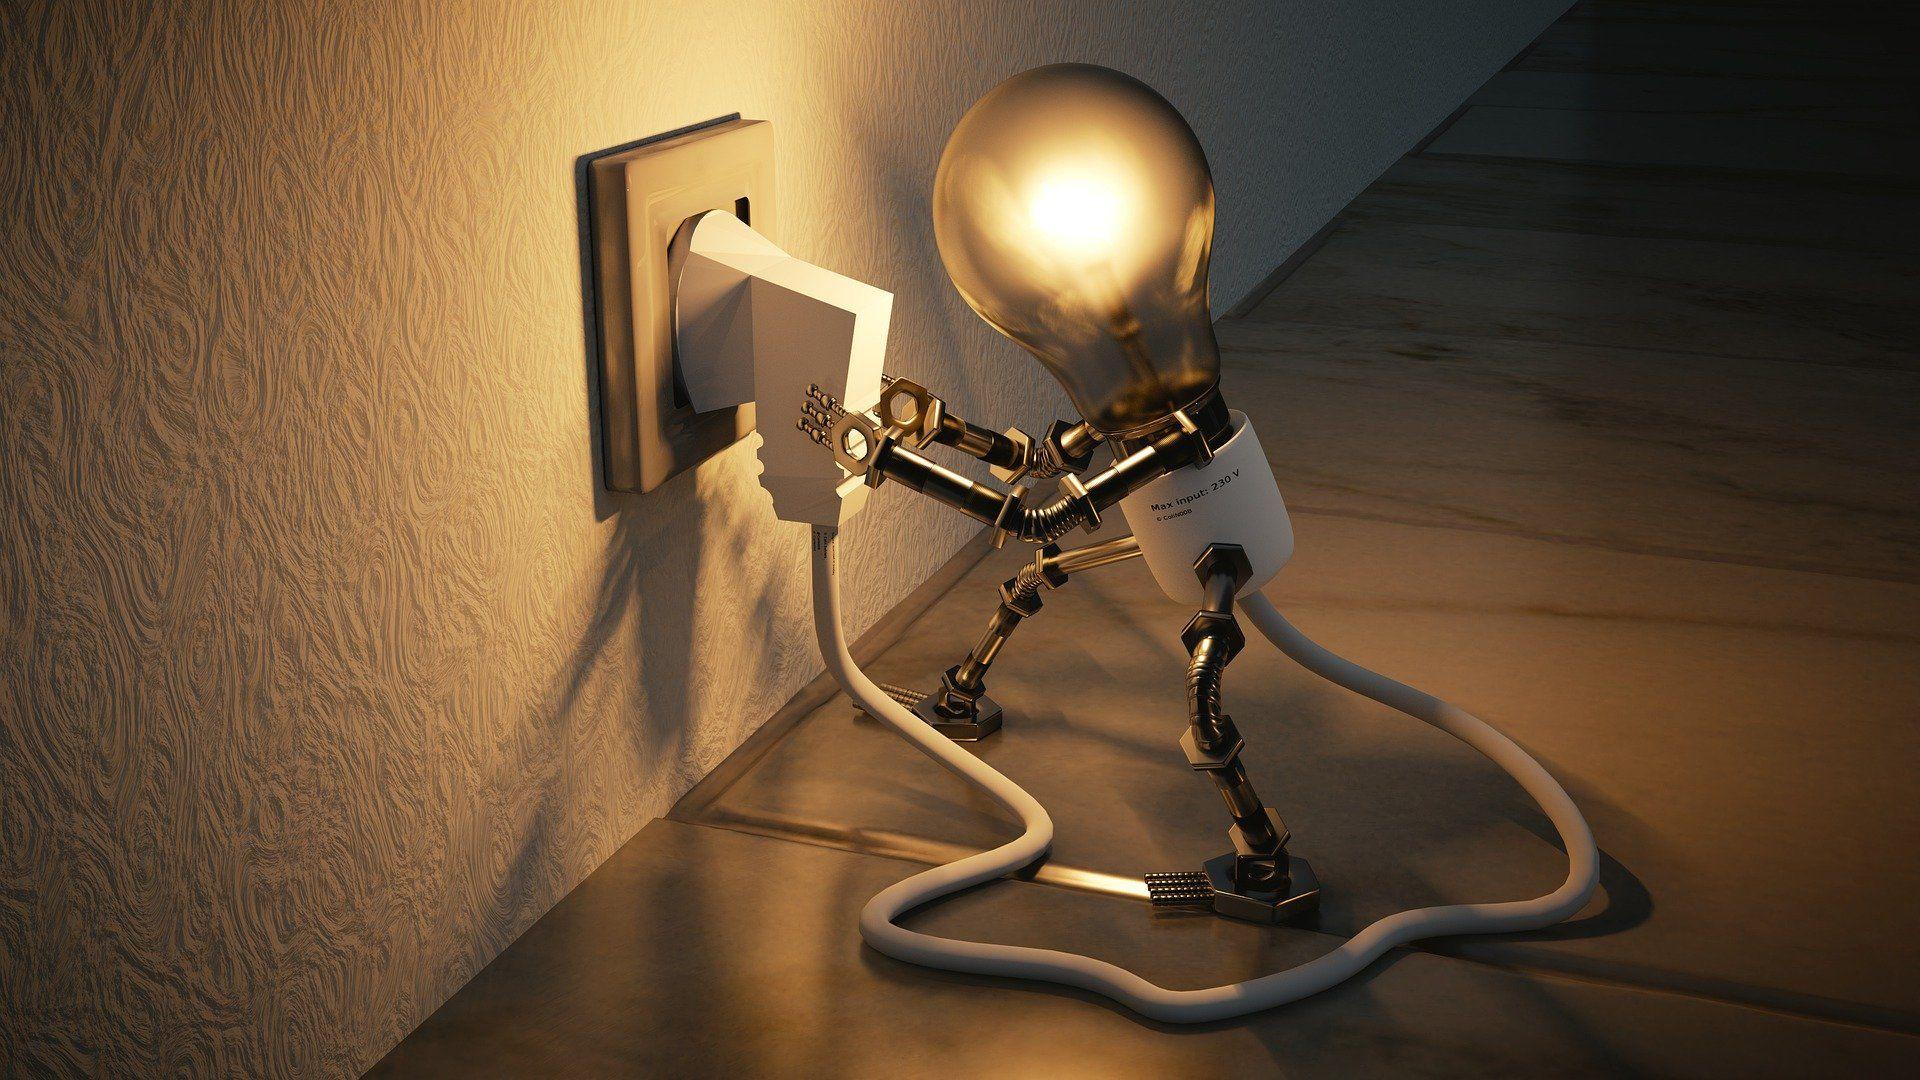 light bulb 3104355 1920 - Metodologías escolares para reducir las emisiones de CO2